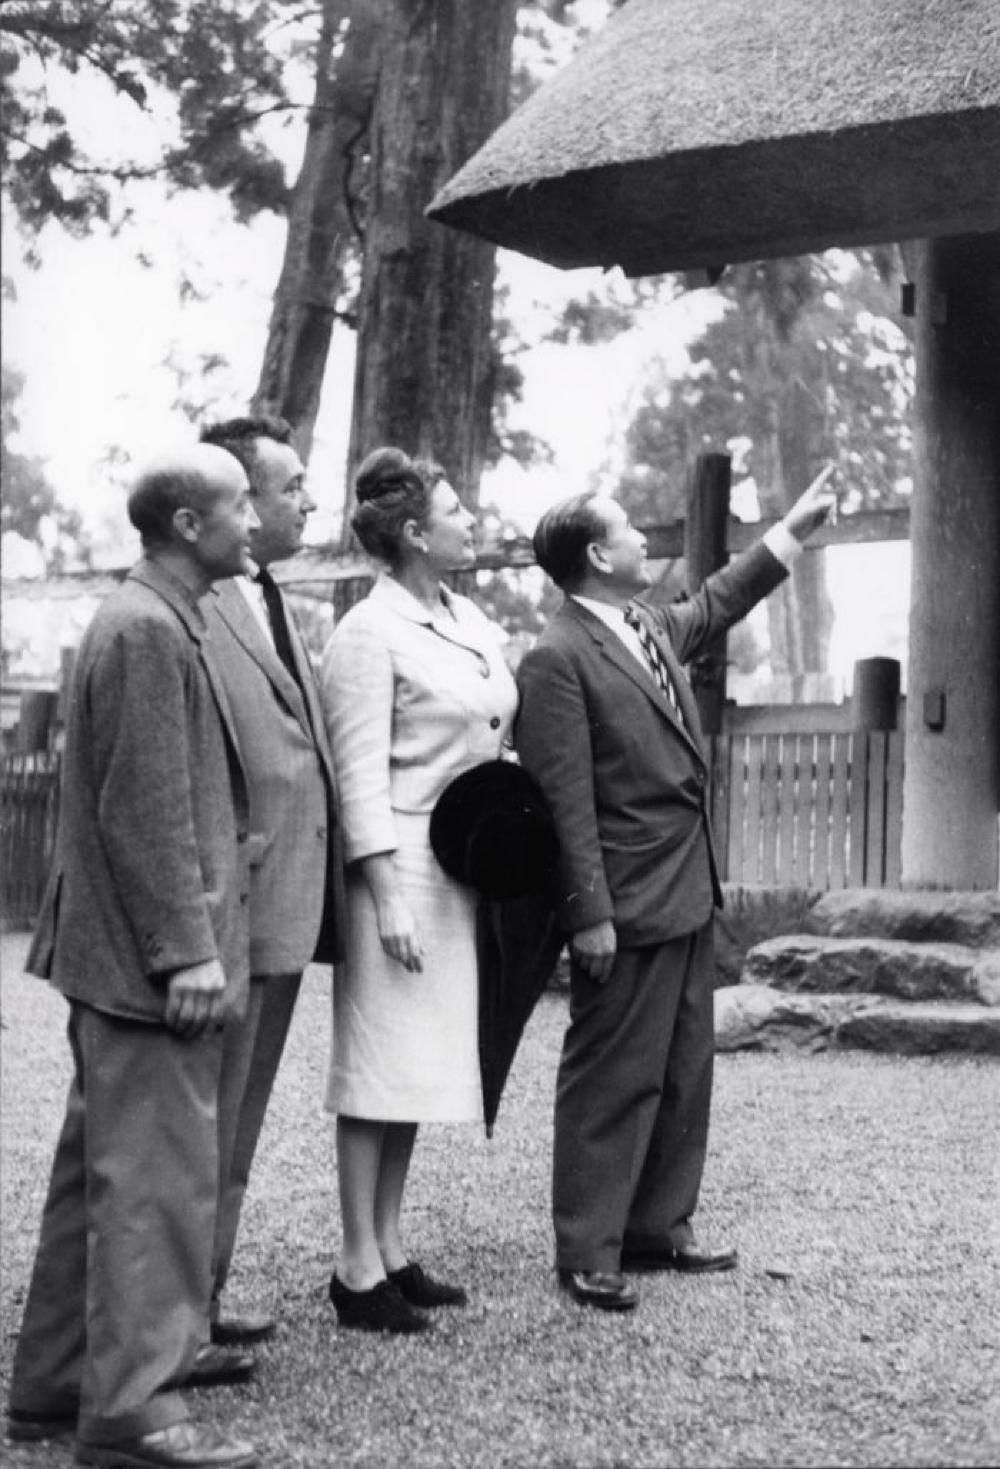 Isamu Noguchi with Nina & Gordon Bunshaft in Japan